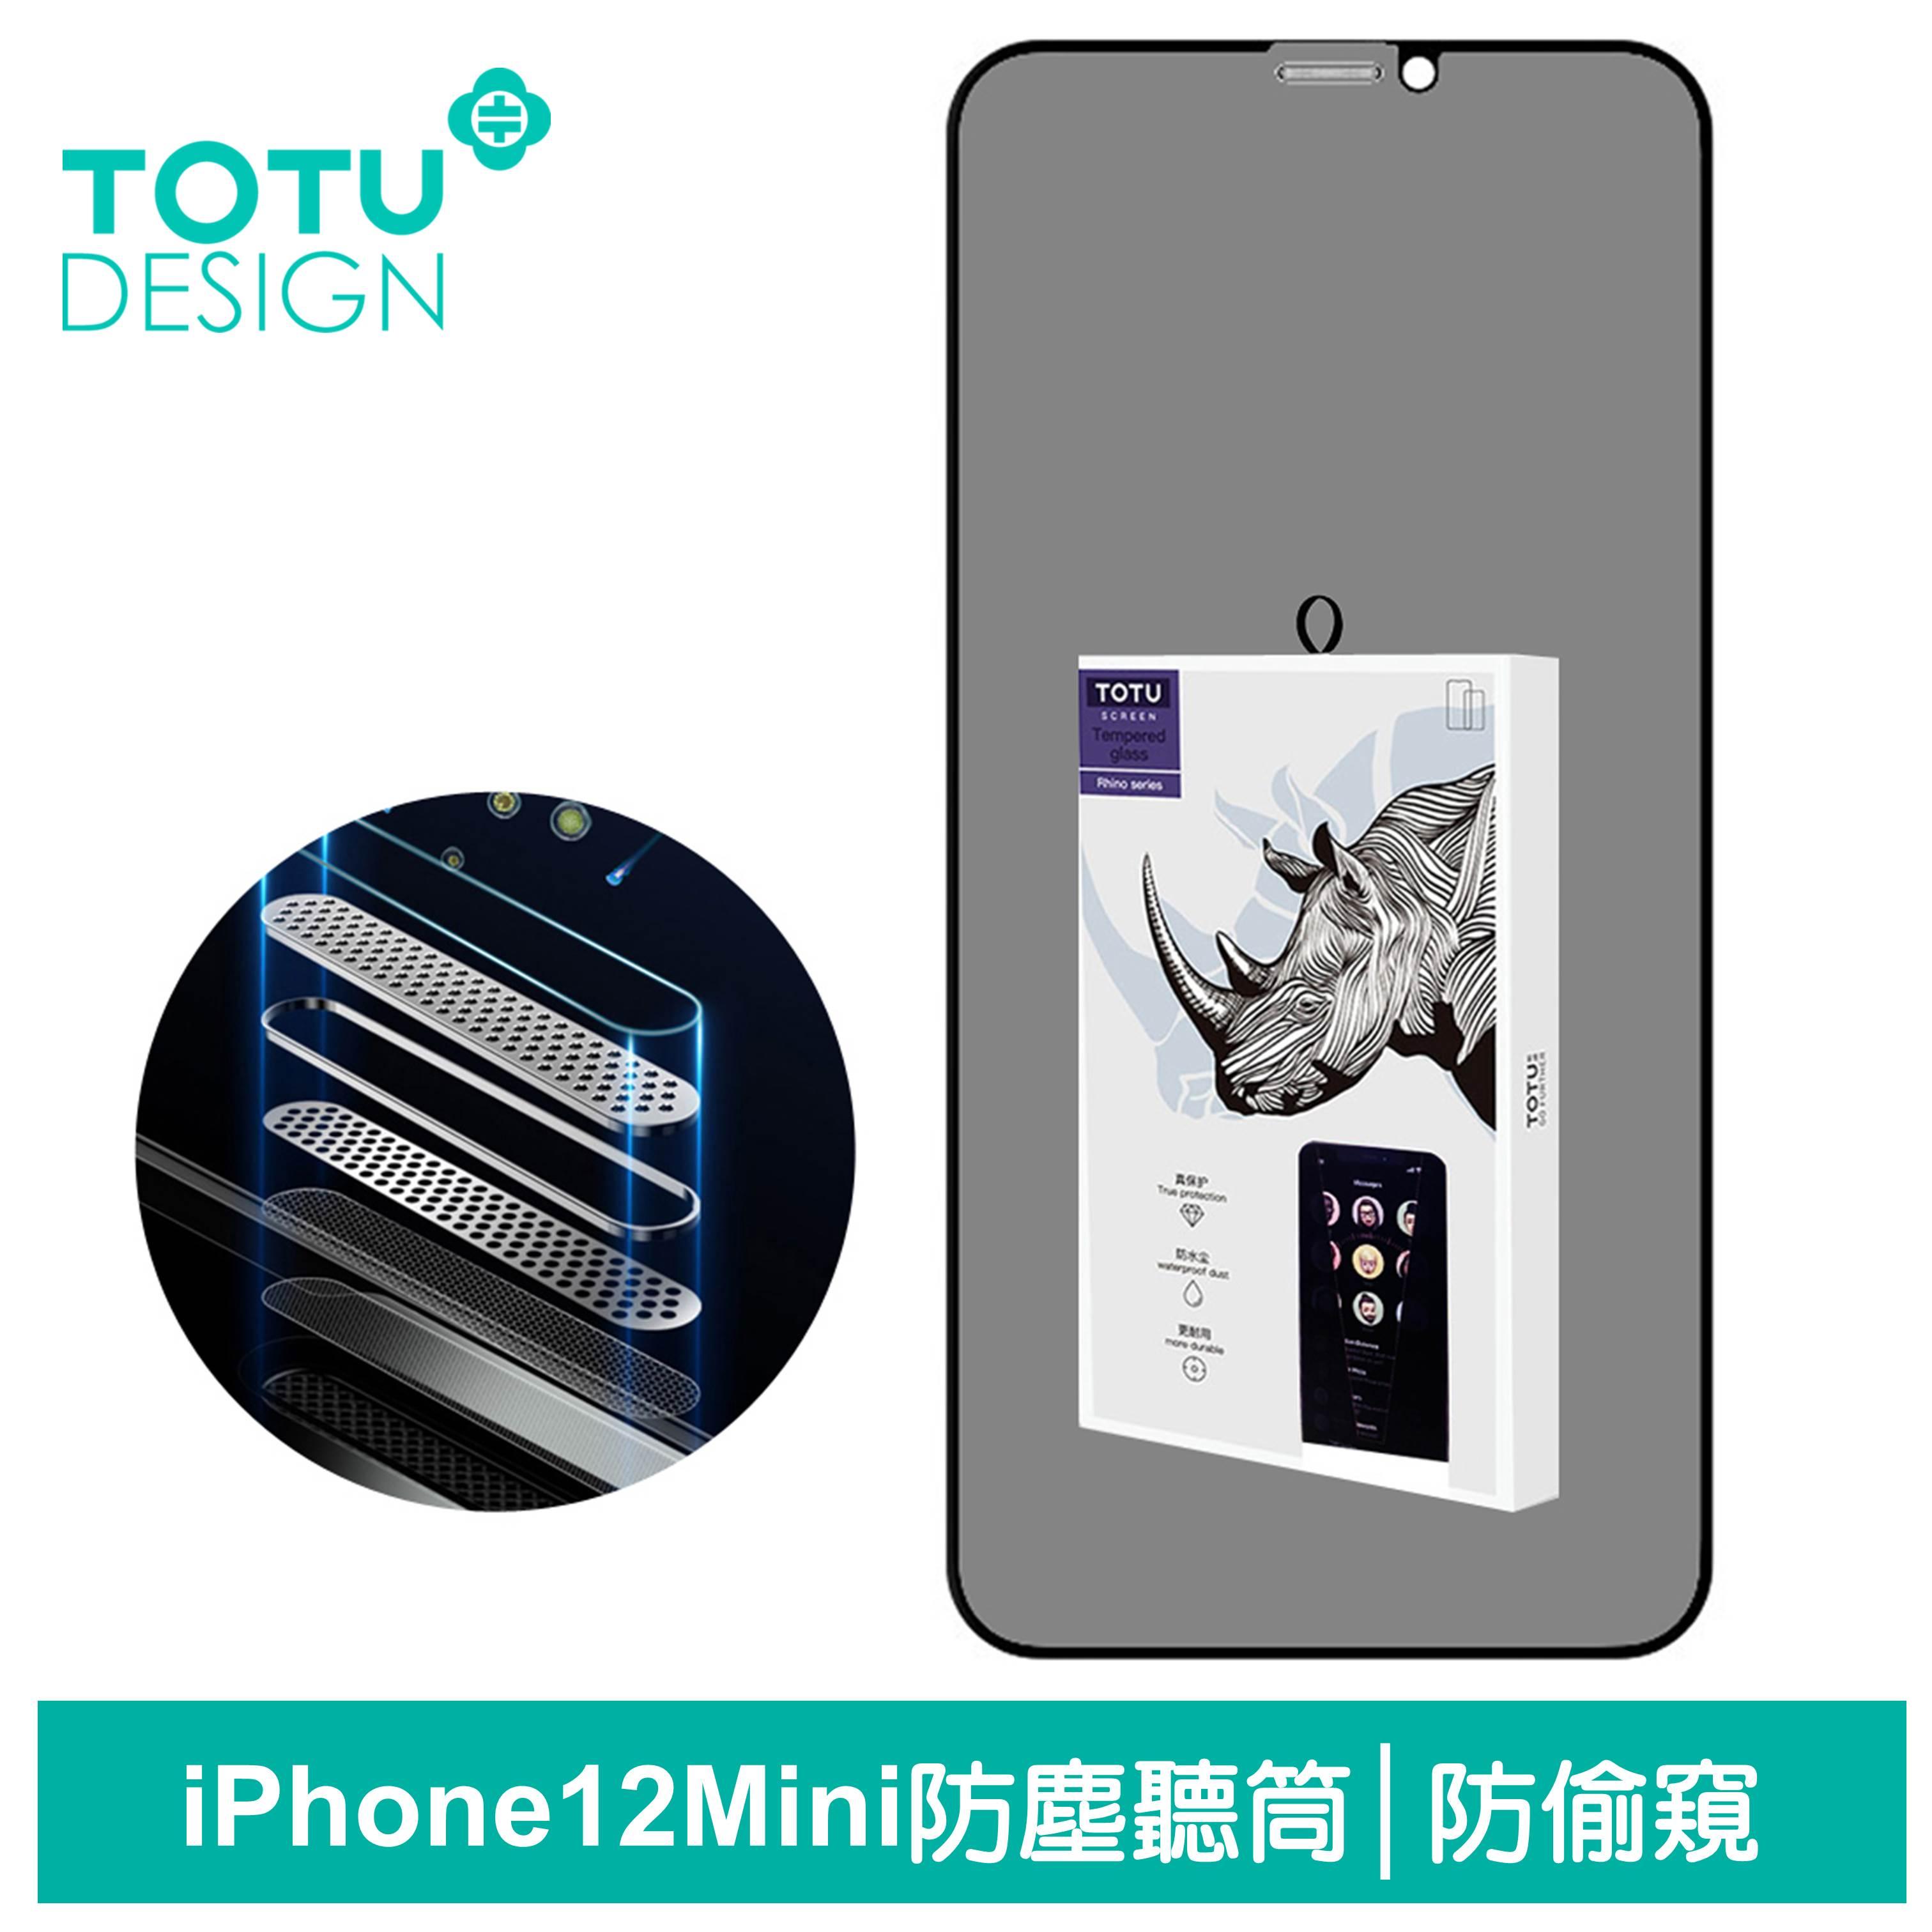 TOTU台灣官方 iPhone 12 Mini 鋼化膜 i12 Mini 保護貼 5.4吋 保護膜 防偷窺絲印防塵聽筒 犀牛家族